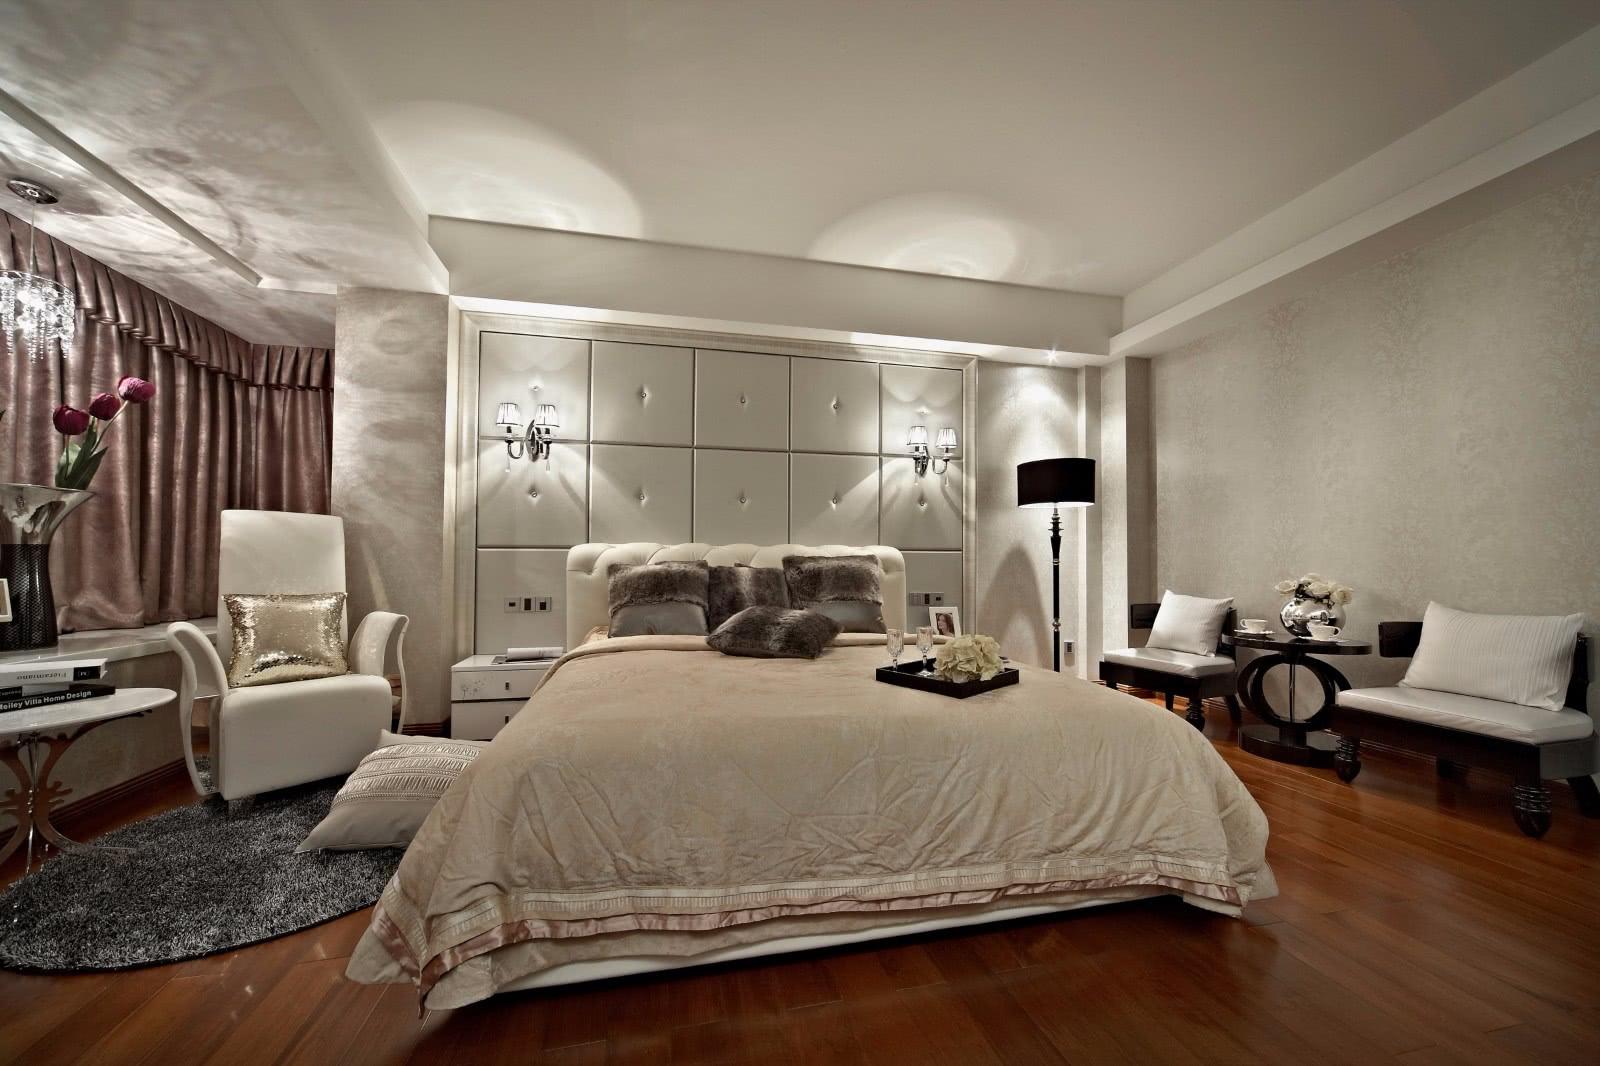 新古典风格别墅卧室装修注册送300元现金老虎机图